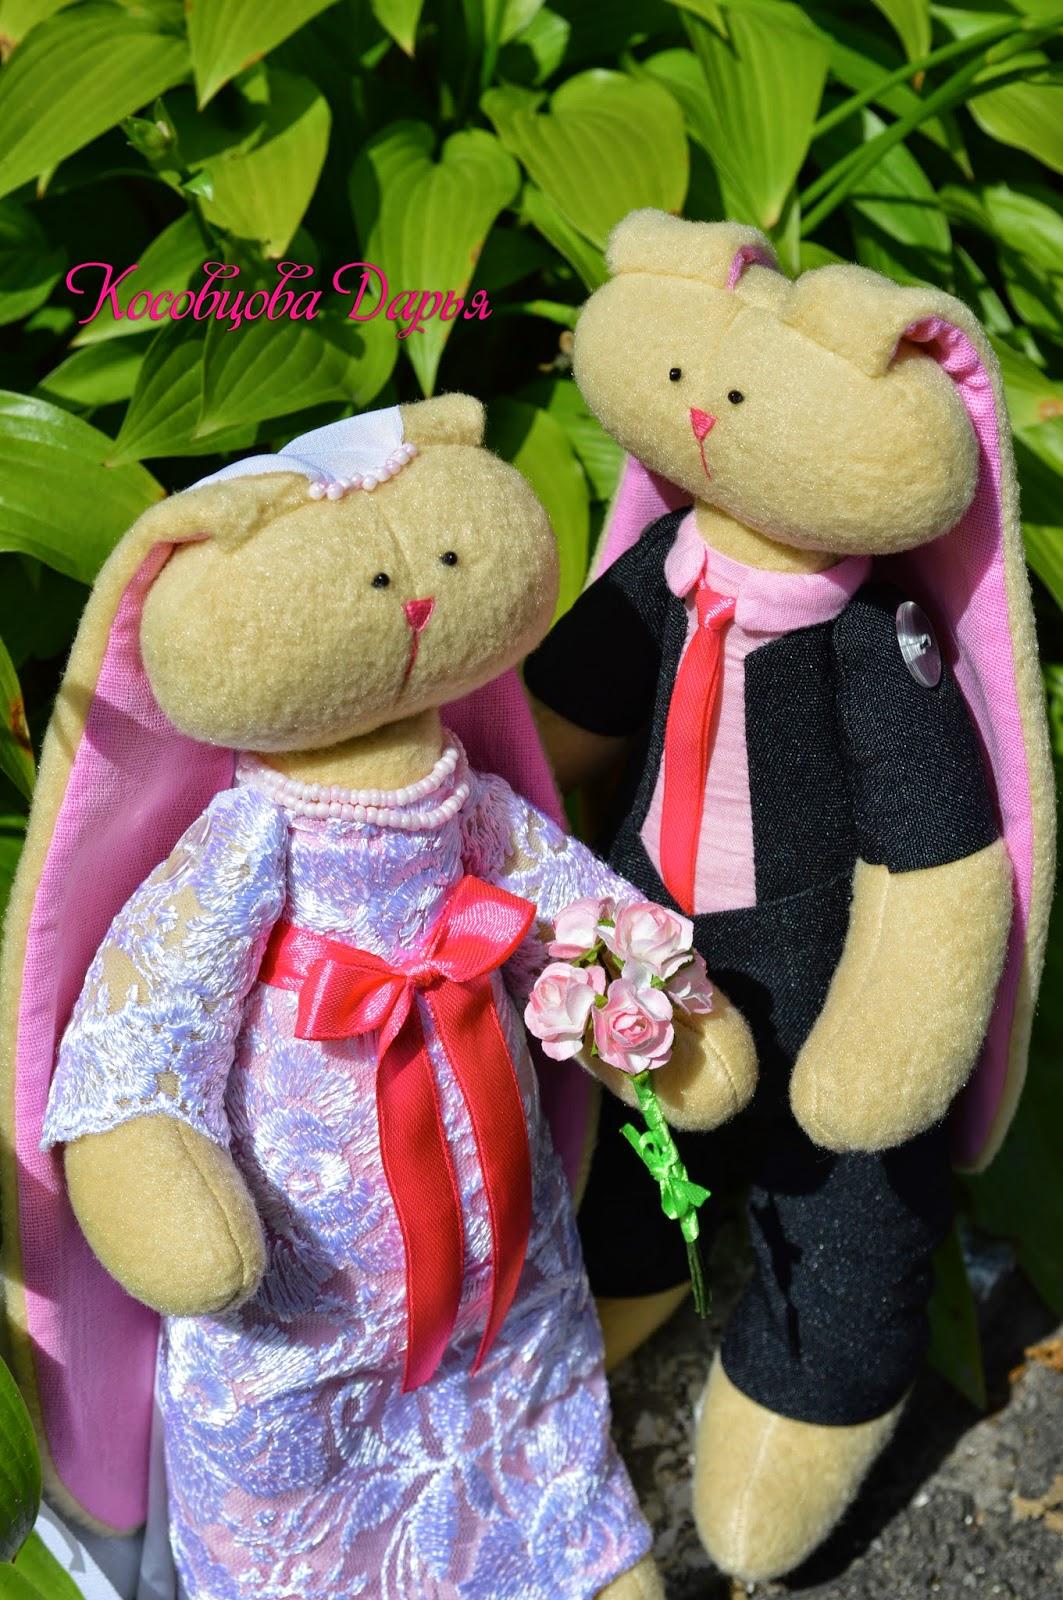 Tilda, ручная работа, игрушки Киев, подарки на день рождения, подарок на свадьбу, свадебные зайчики, купить подарок ручной работы Киев